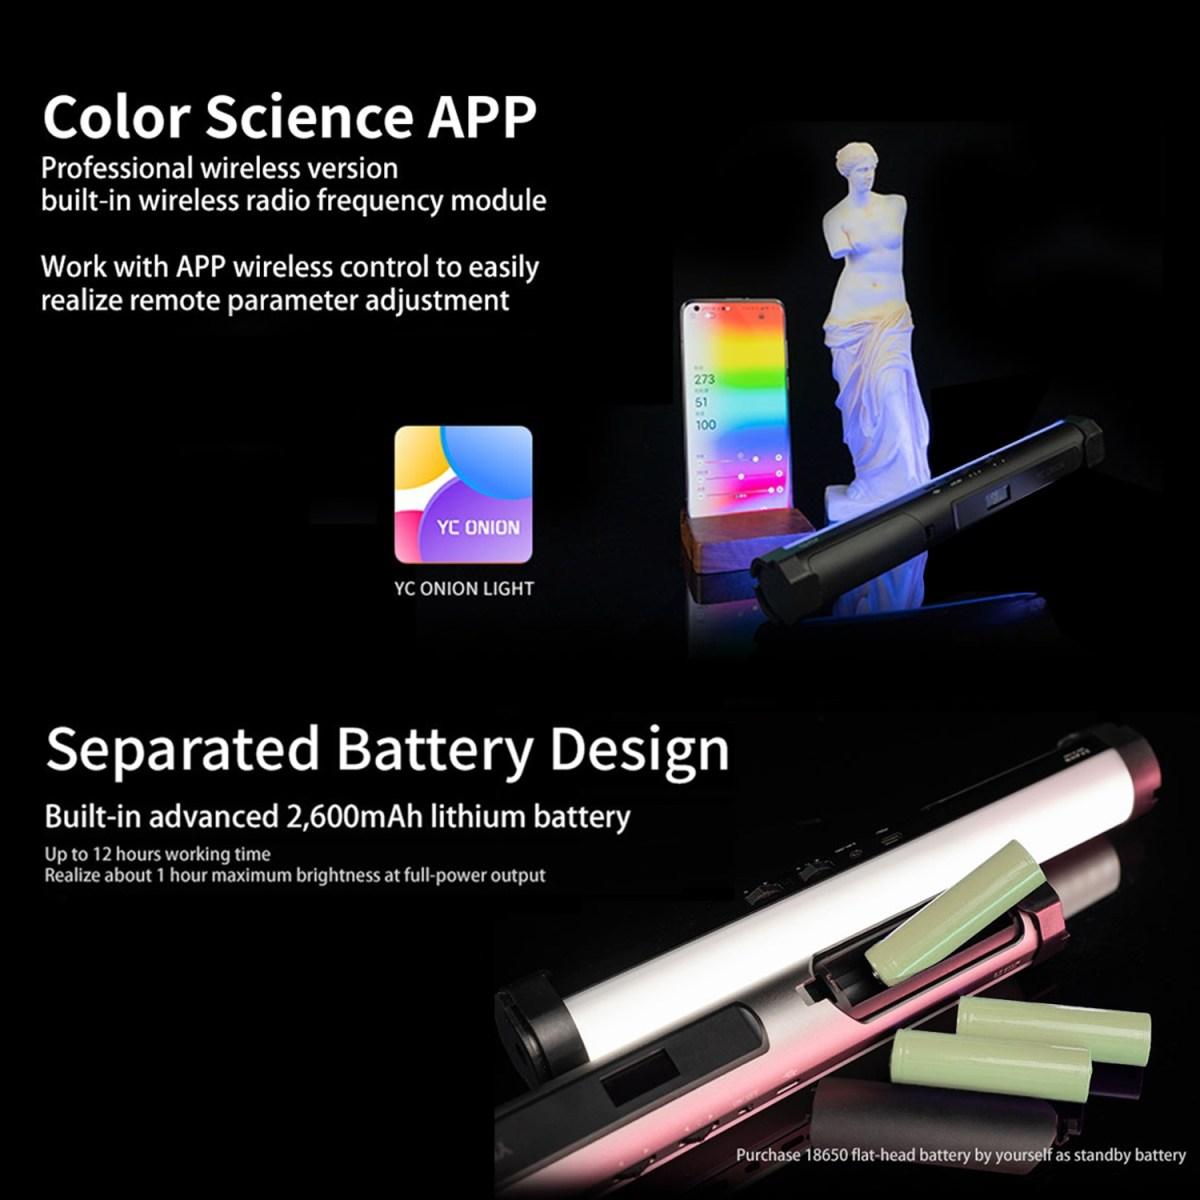 YC Onion Energy Tube 8W Handheld RGB LED Light Tube-india-tiyana